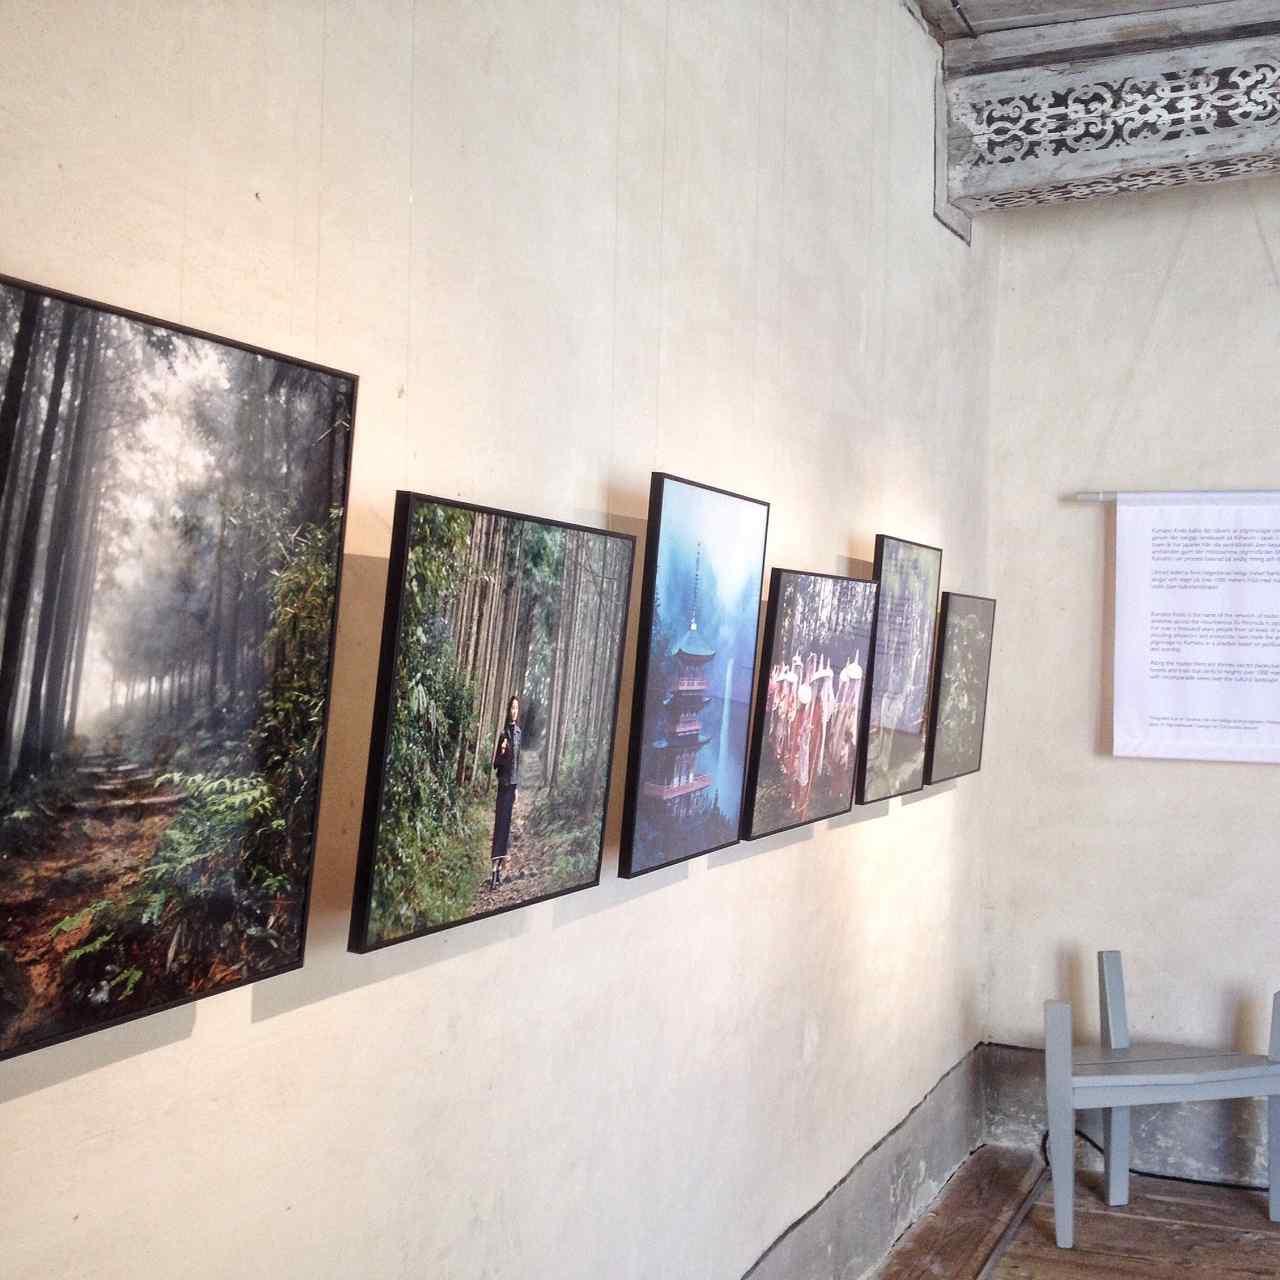 Imaxe da exposición no castelo Läckö